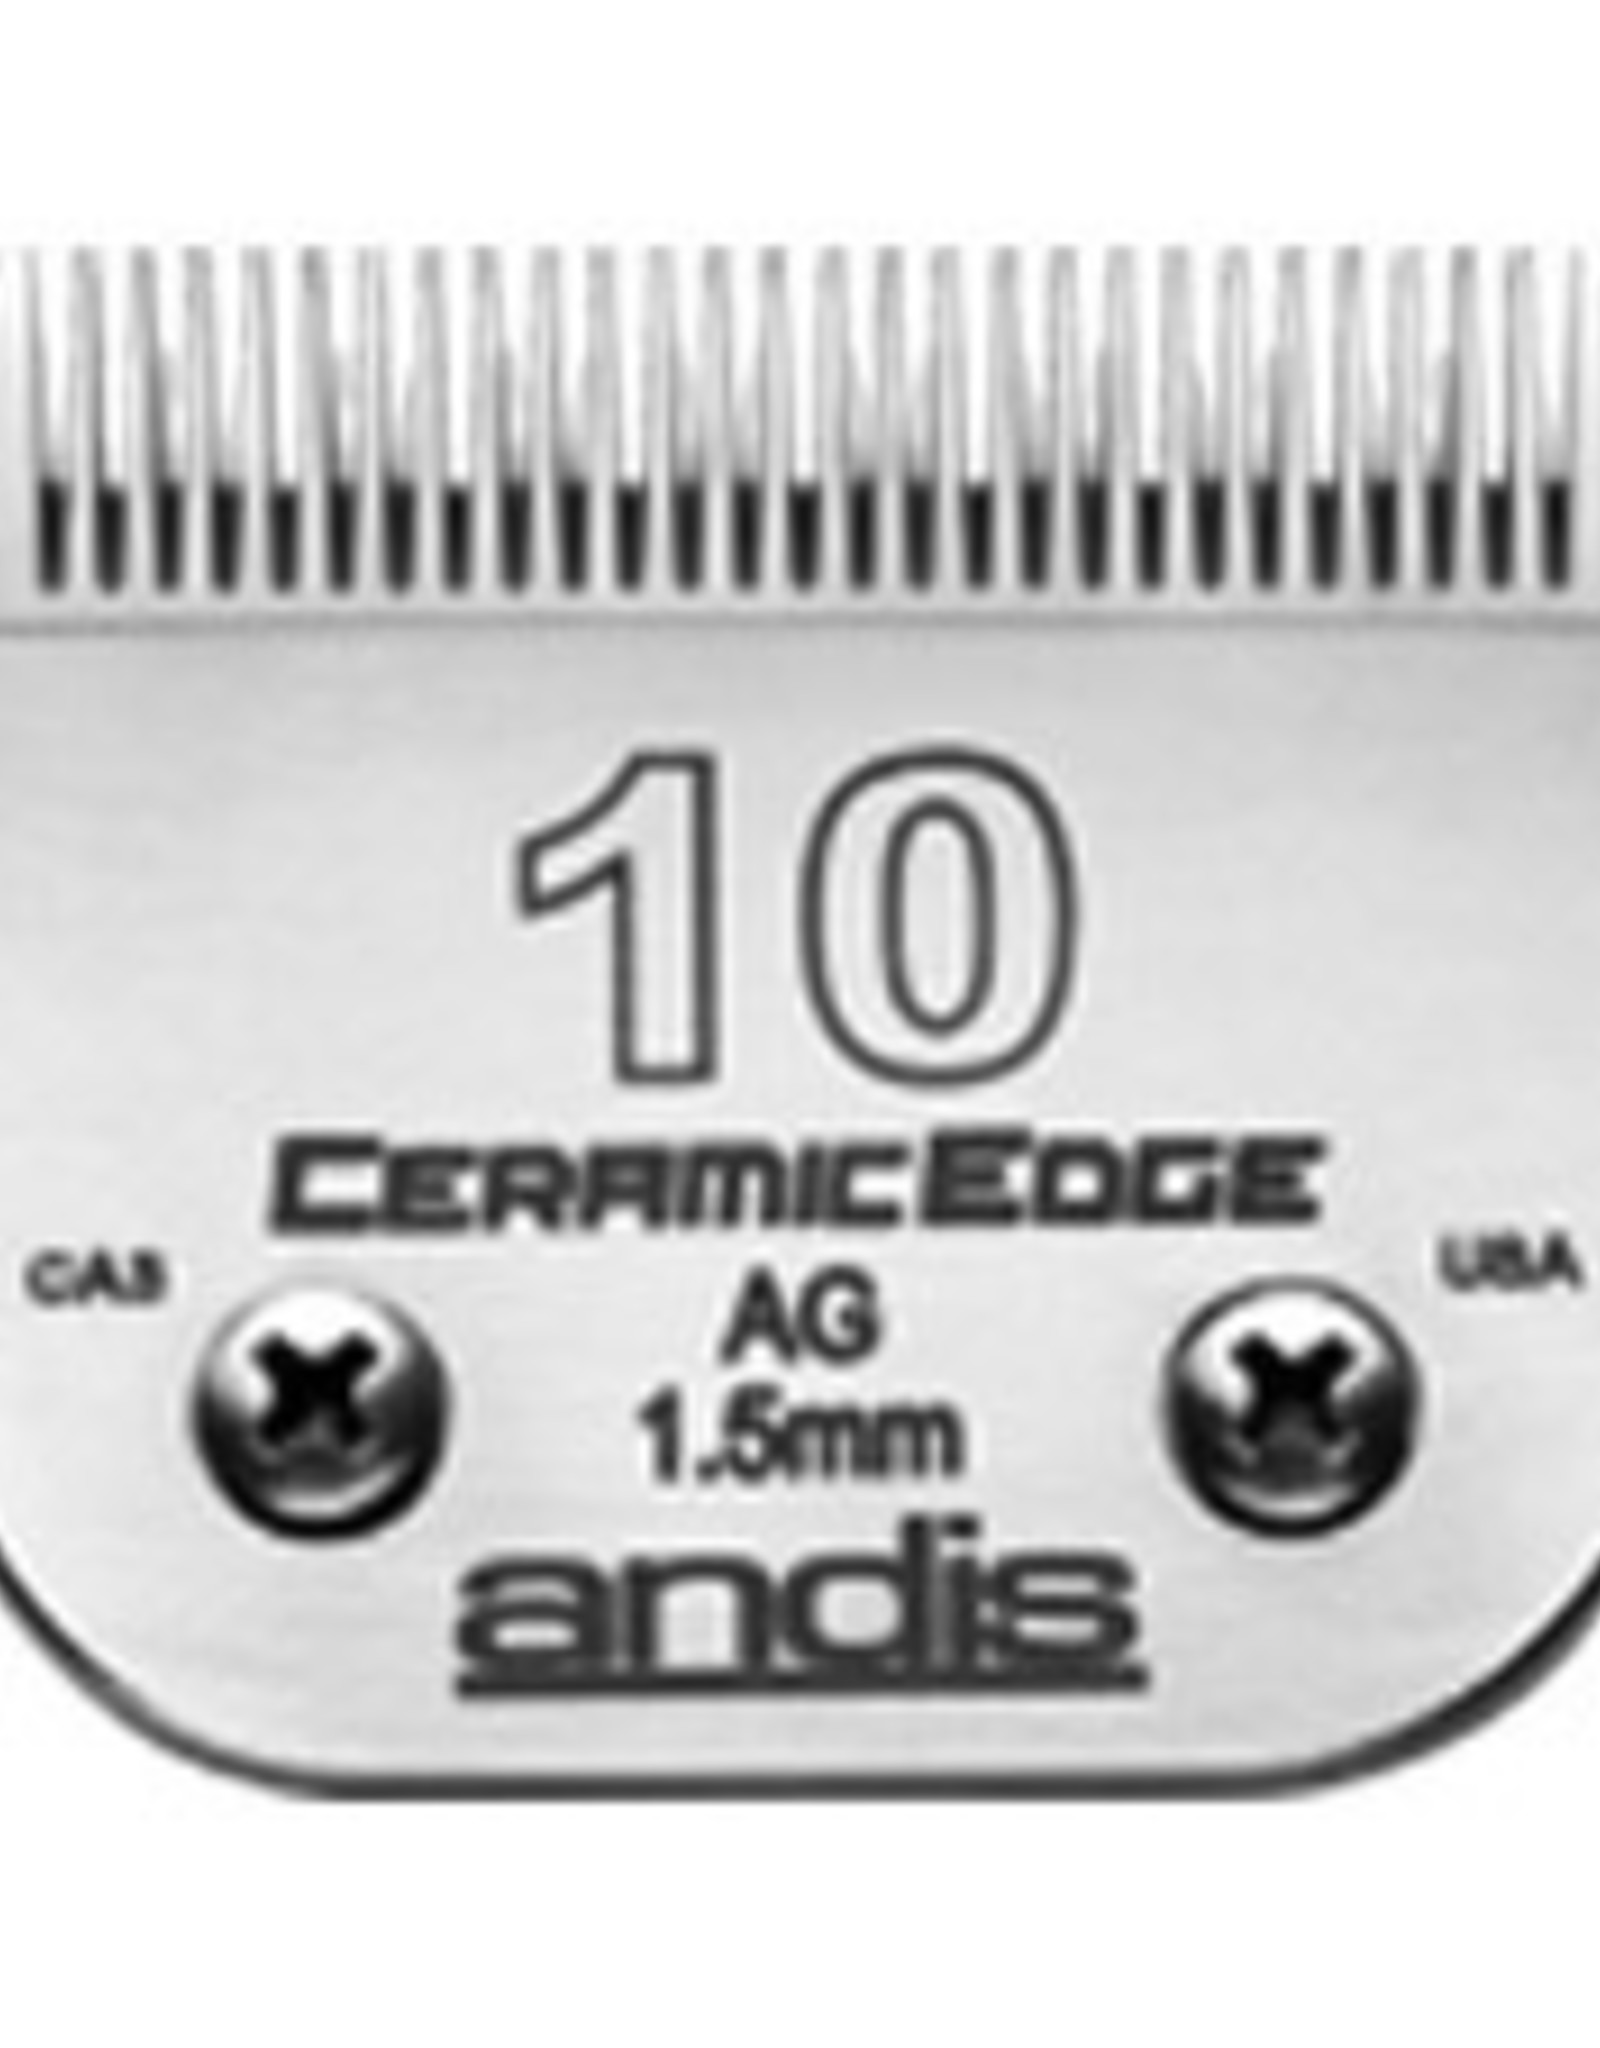 Andis CeramicEdge Clipper Blade Size 10